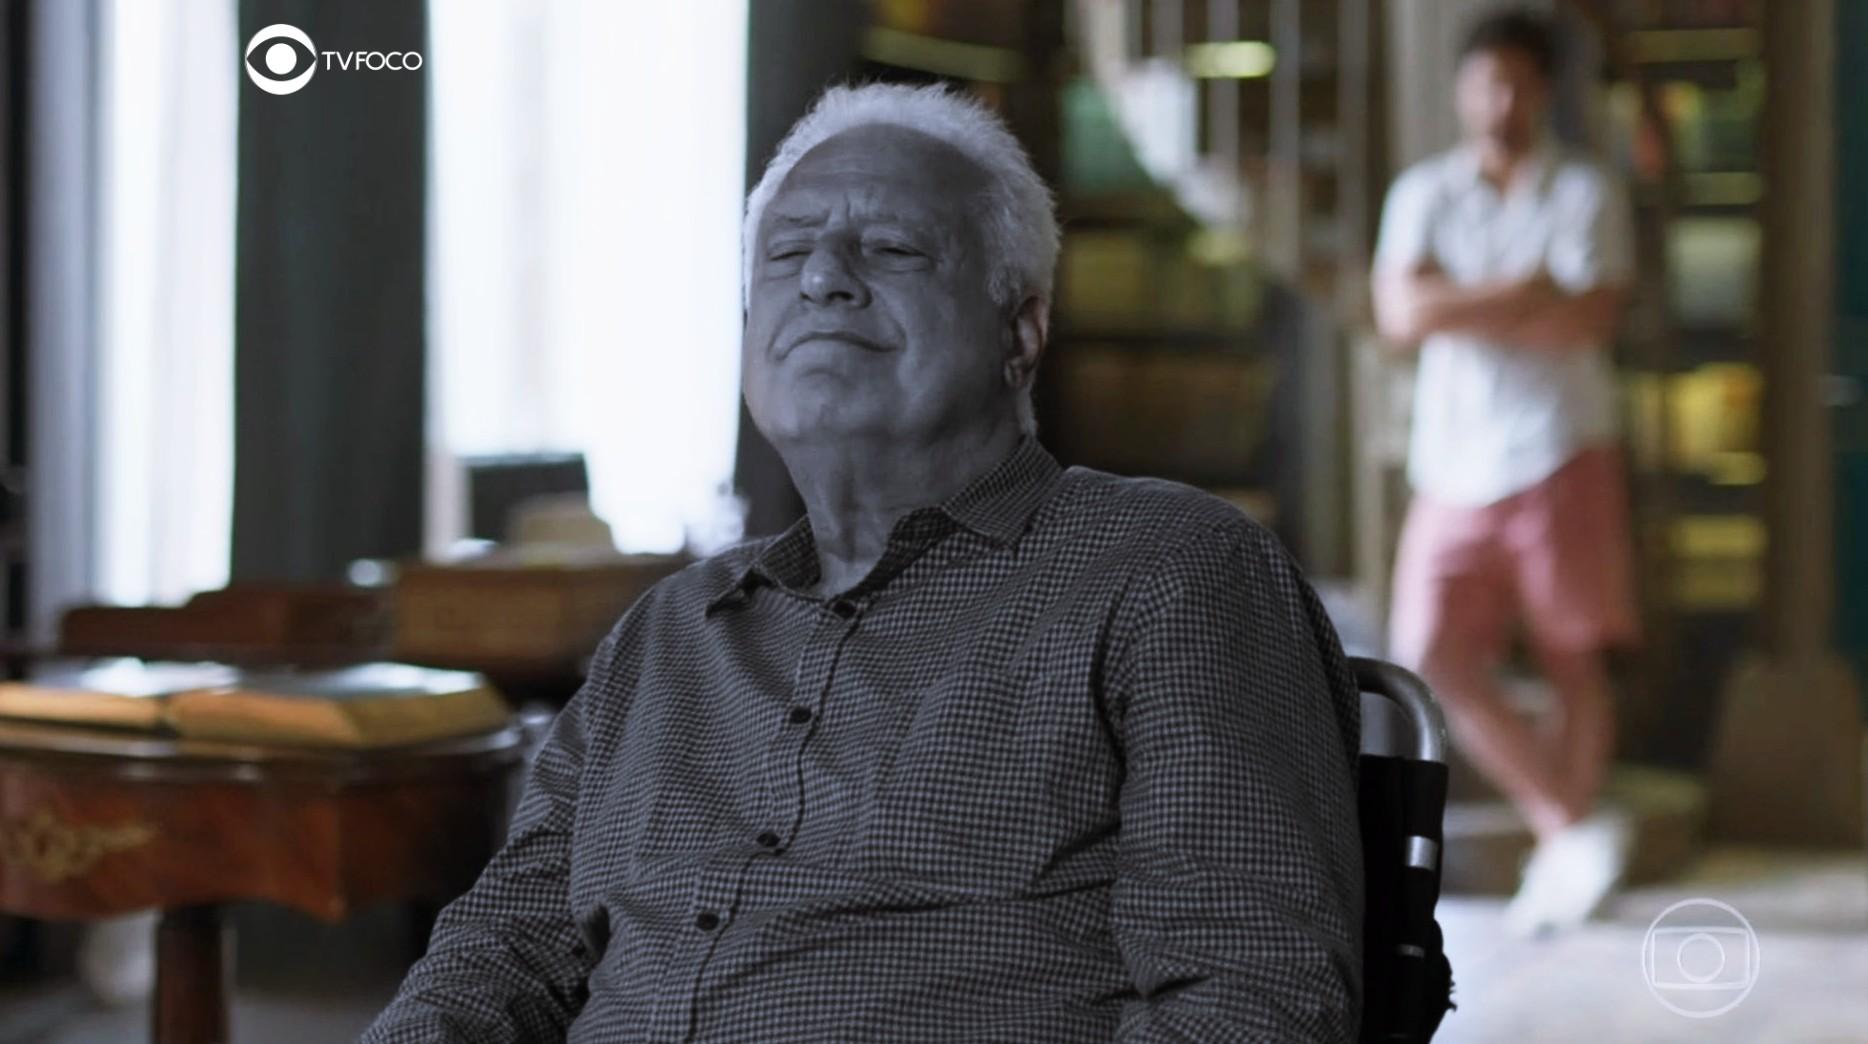 Fotomontagem do TV Foco com Alberto preto e branco sobressaindo em cena colorida de sala em Bom Sucesso